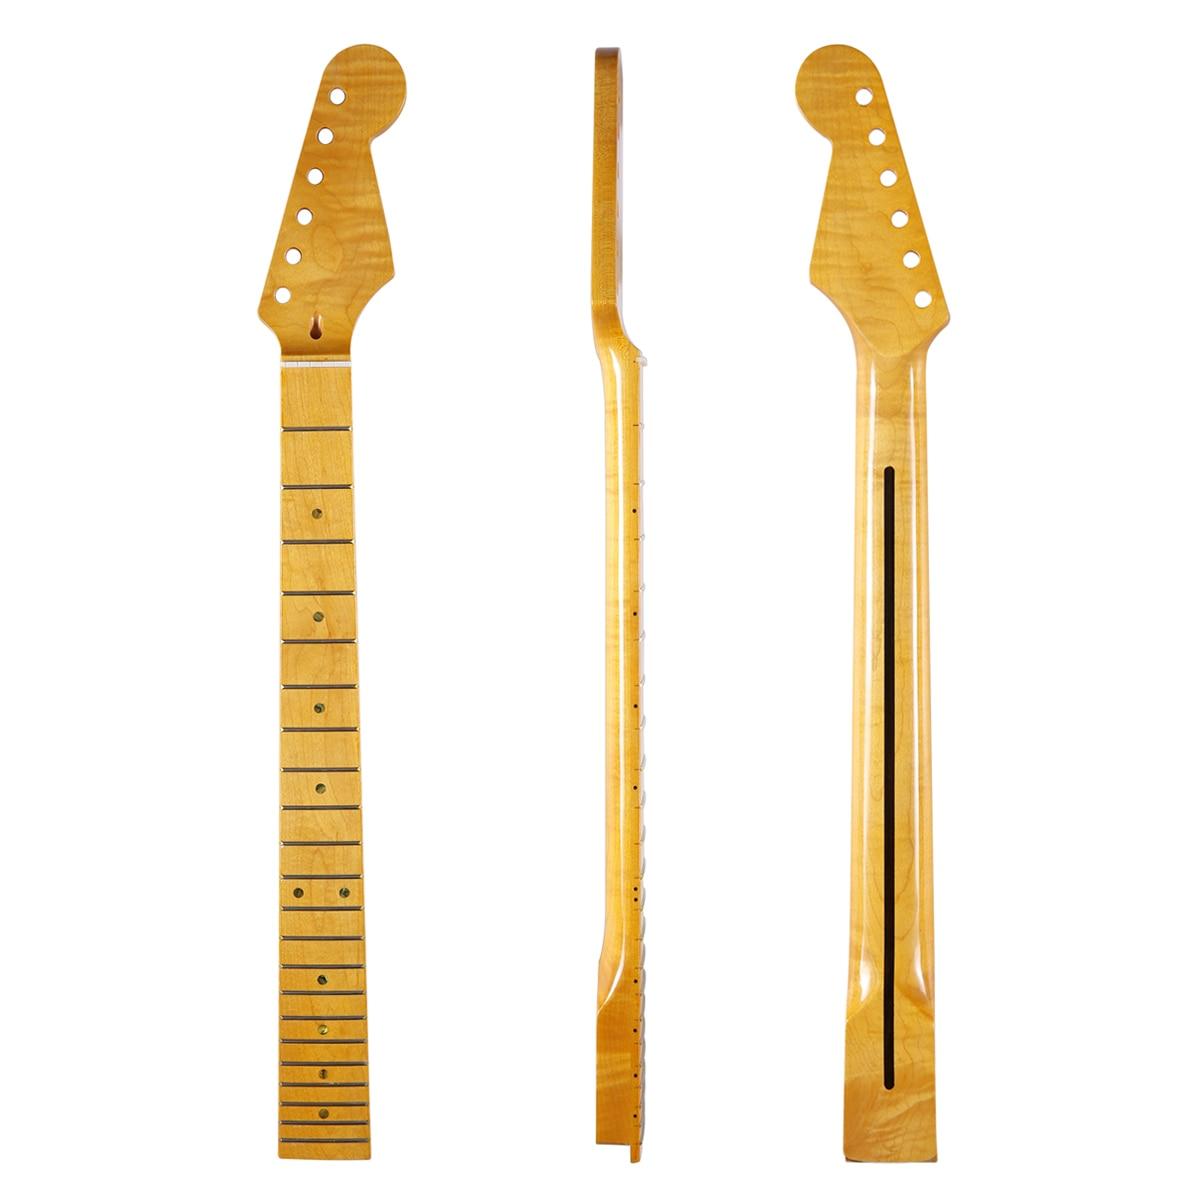 KAISH 22 Frette Brillant Canadien Tiger Flame Maple Strat Manche de la Guitare avec Nacre Inlay Os Écrou pour Stratocaster